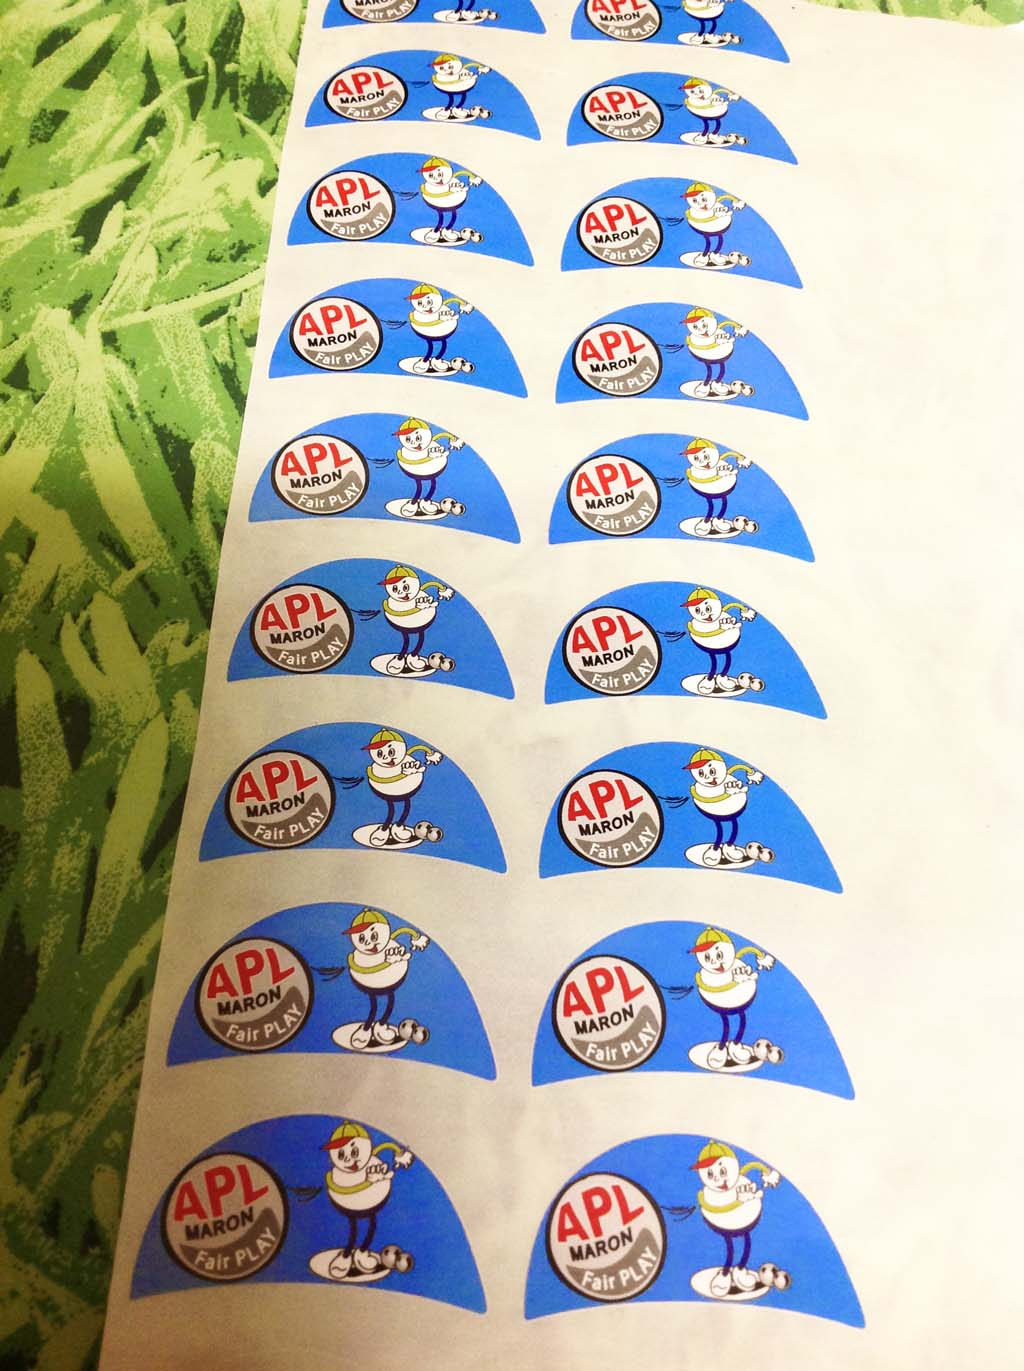 Etiquettes adhésives PVC ou papier grande quantité en bobines pour opérations de communication ou cadeaux d'entreprises